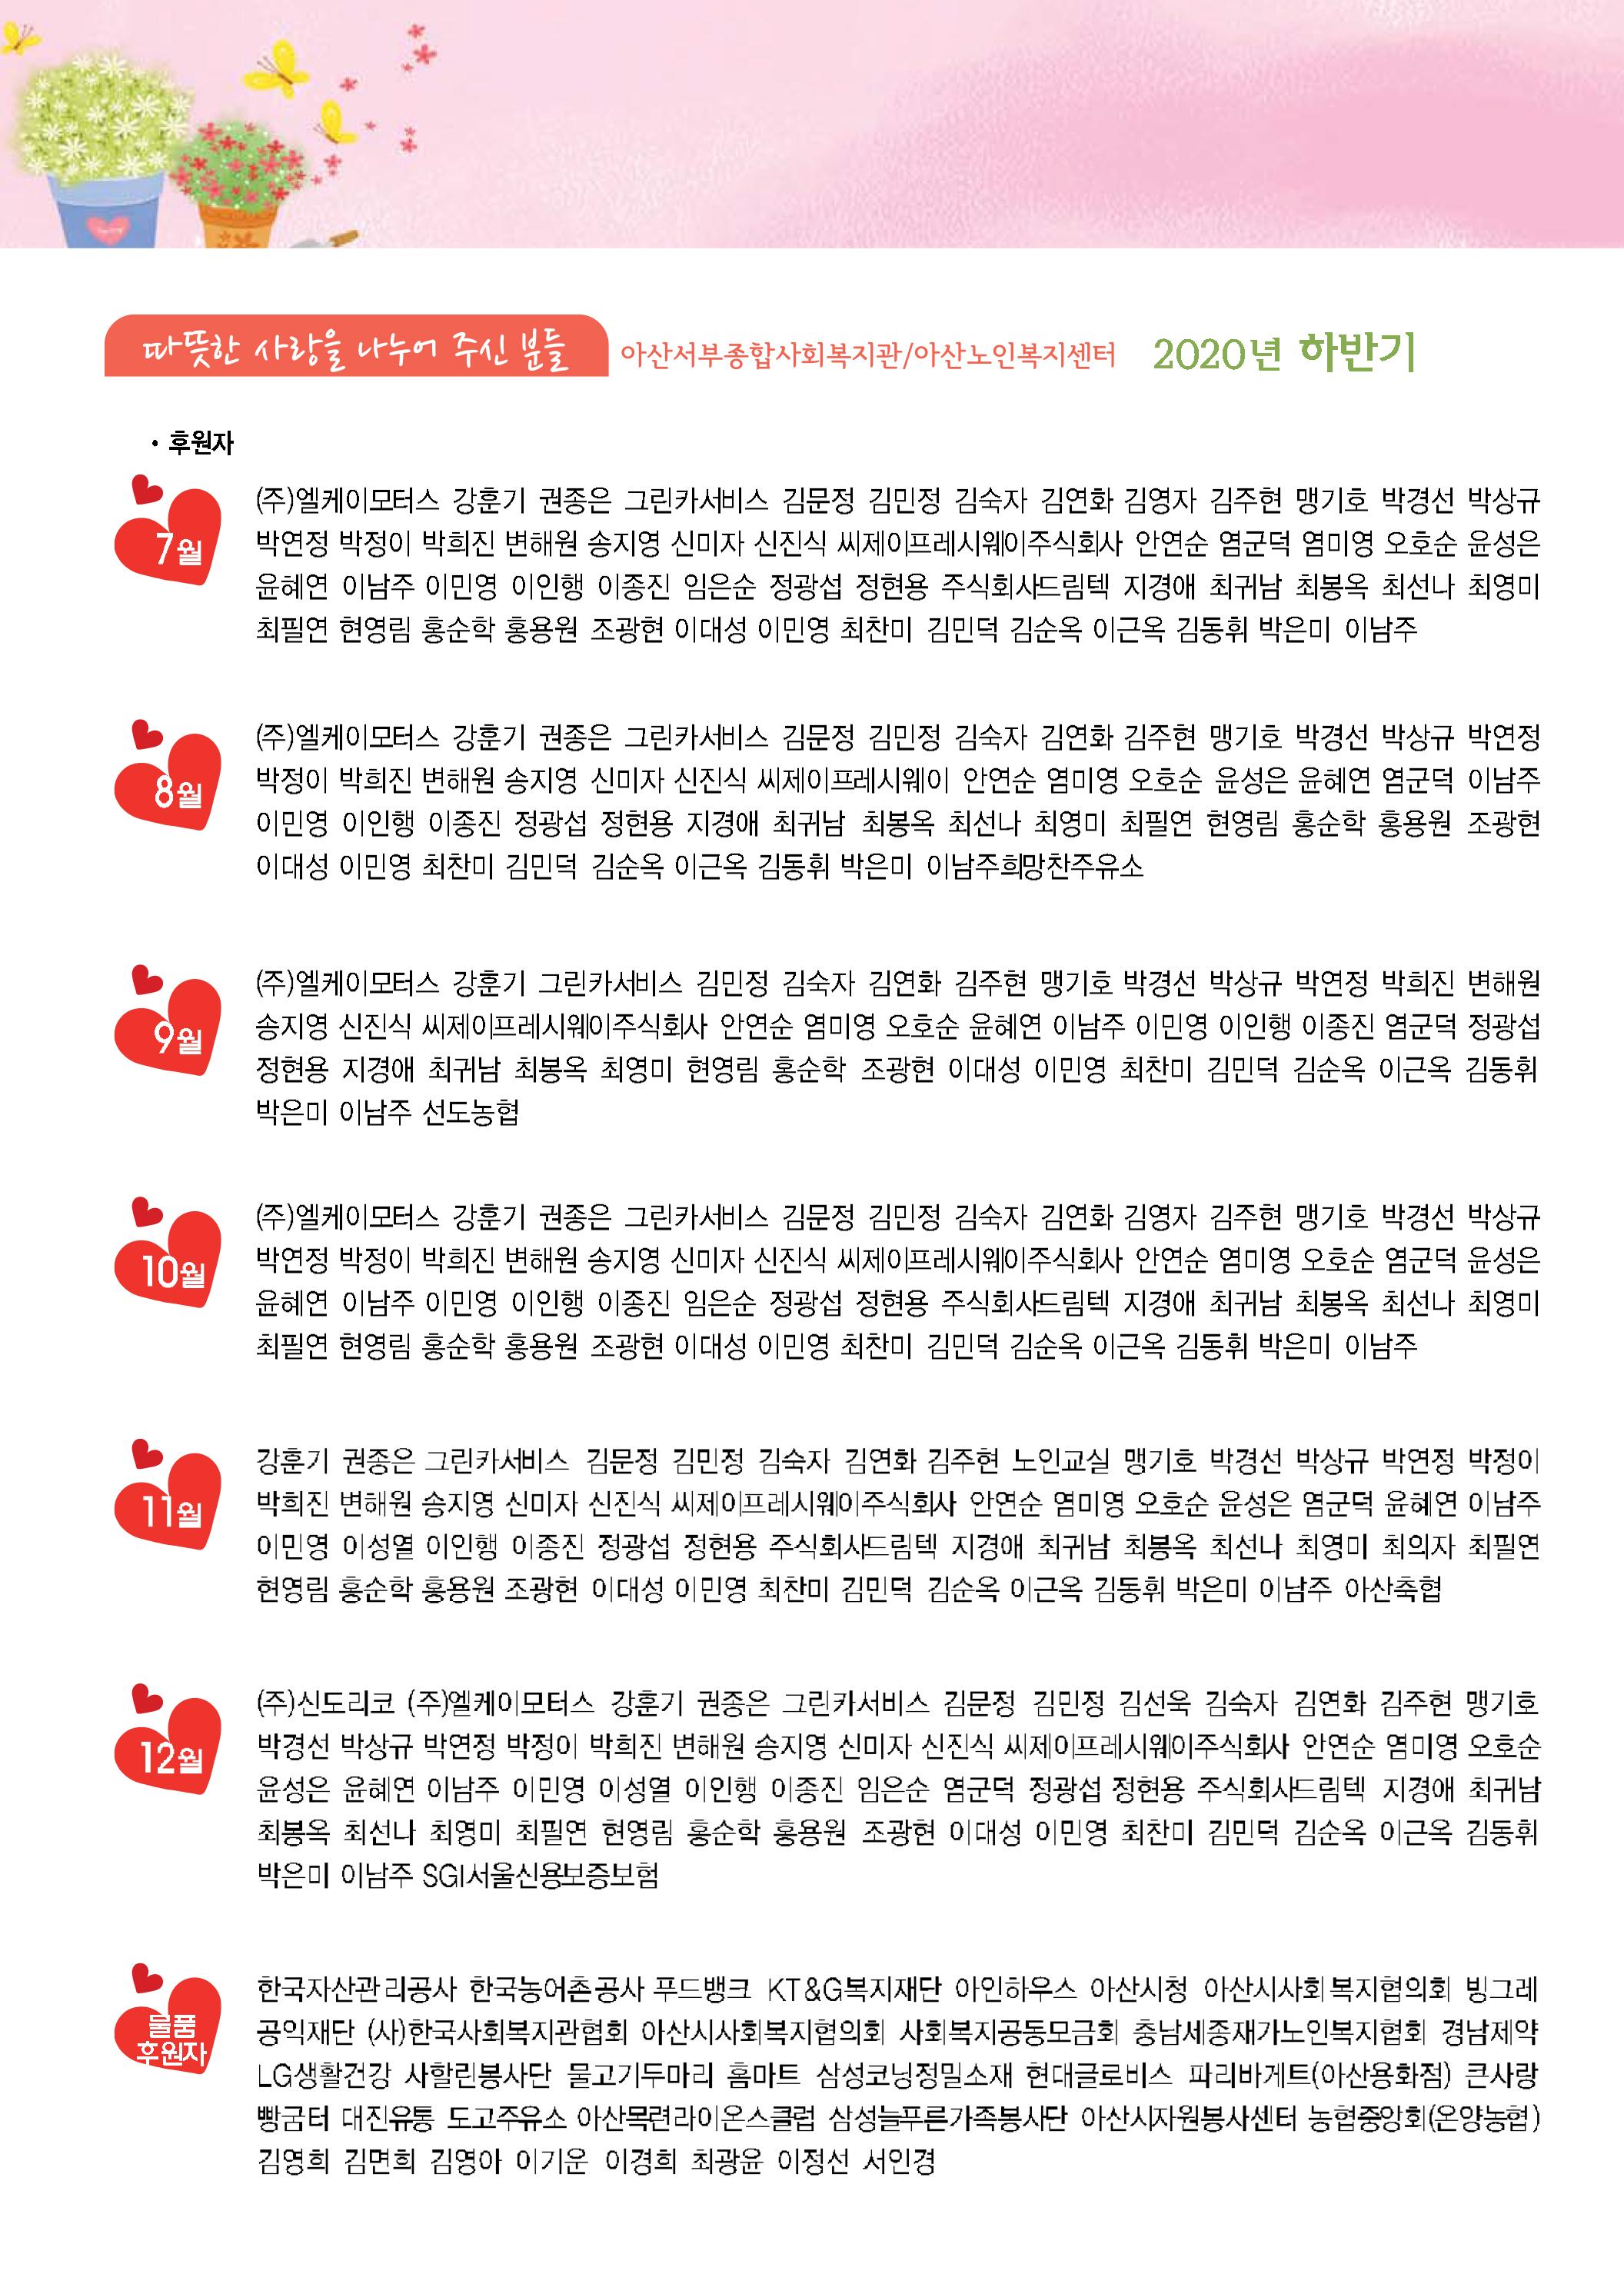 옹달샘39호-최종수정-6.jpg